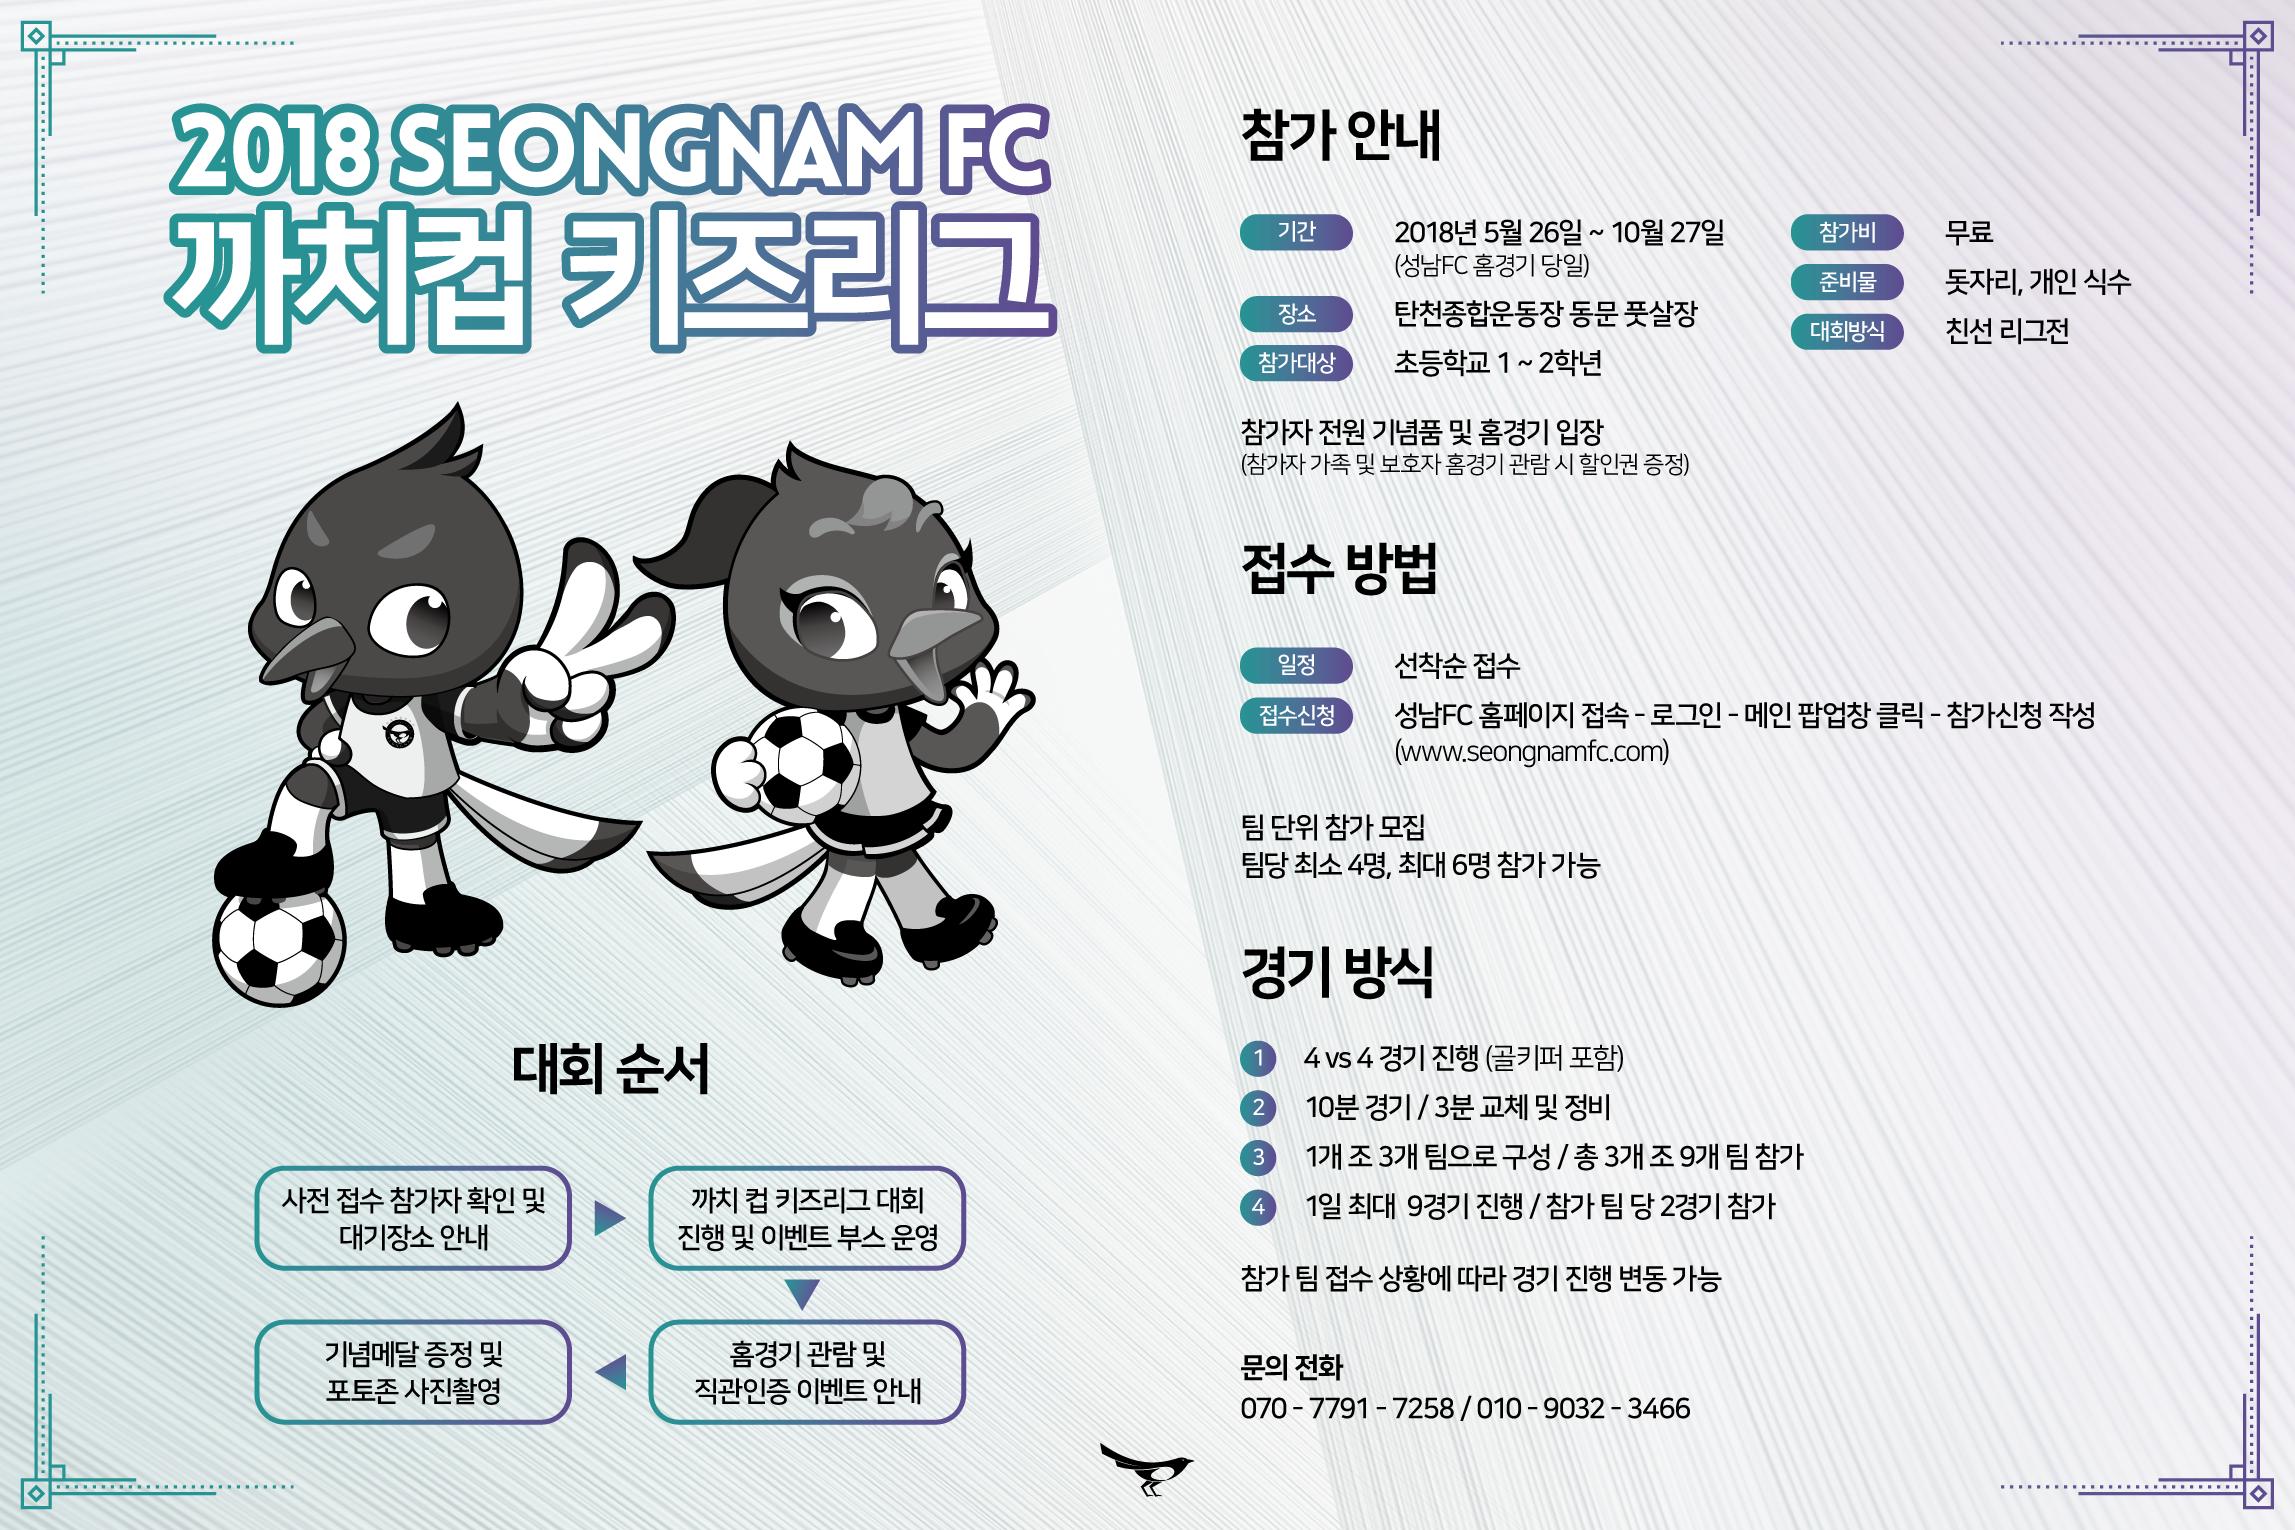 성남FC, '2018 까치컵 키즈리그' 개최